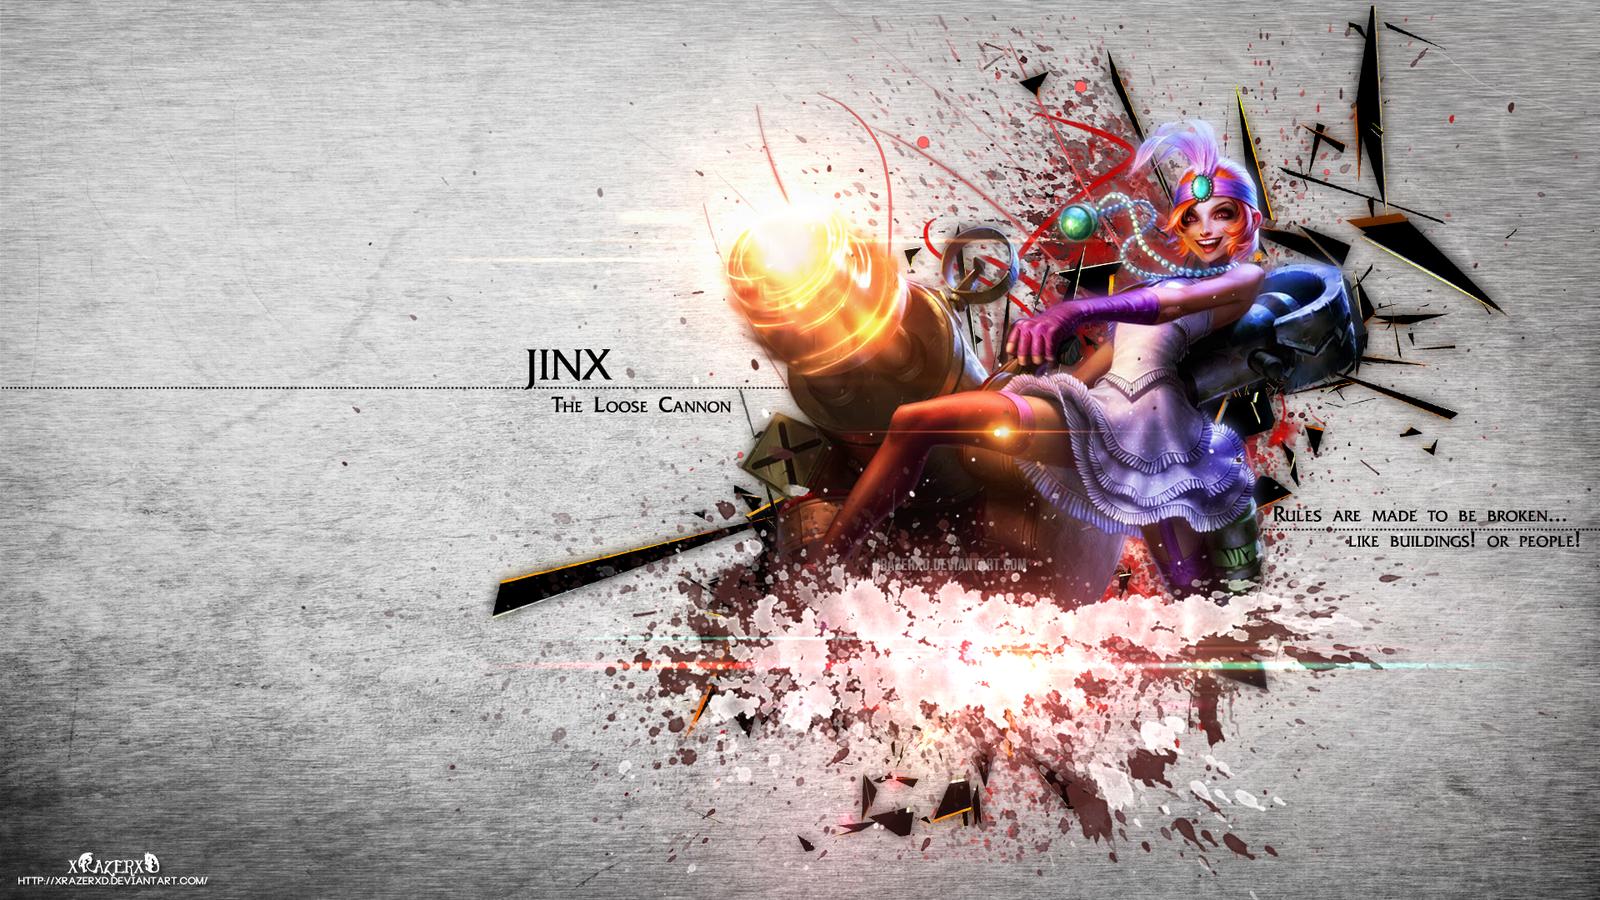 Jinx League of Legends Arethemostcom 1600x900